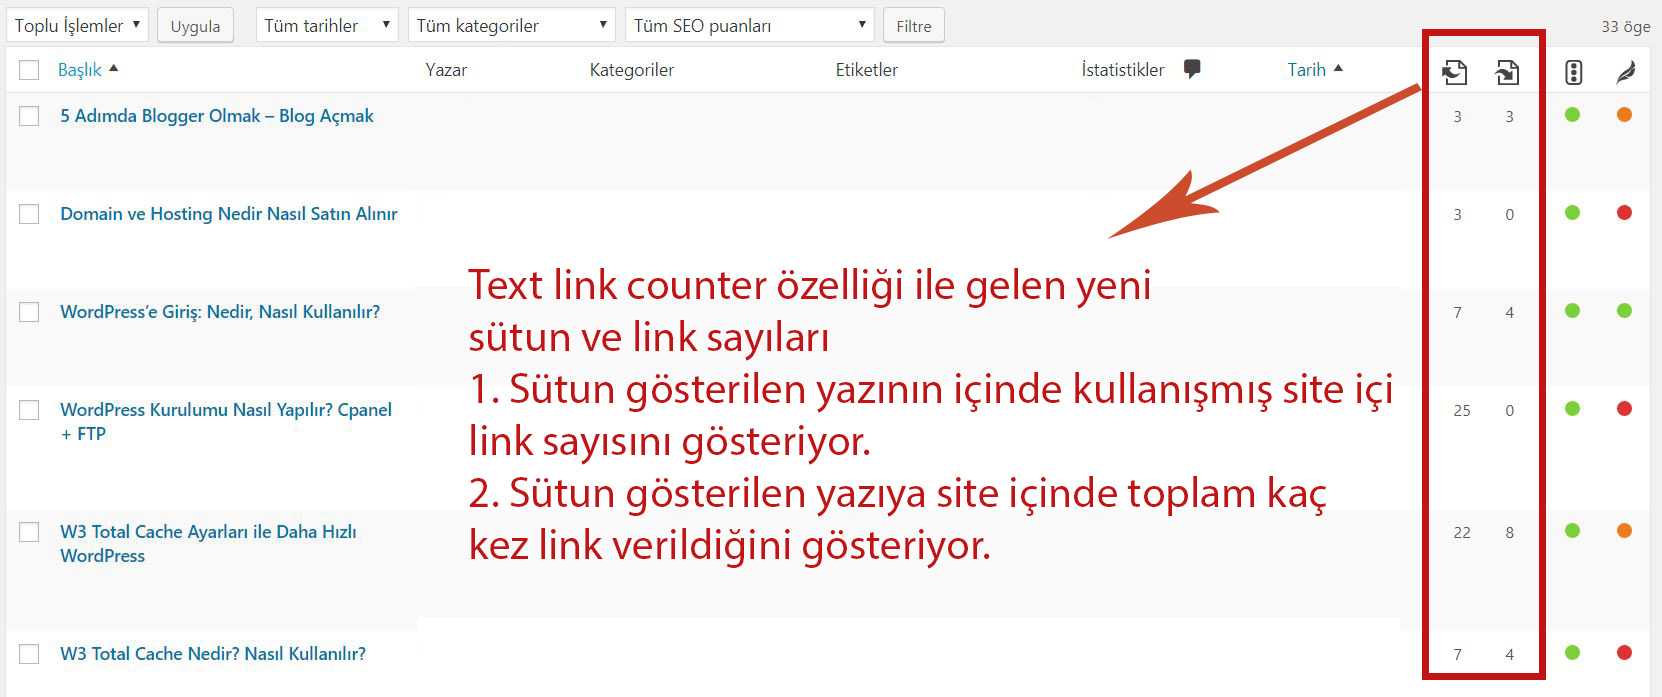 Yoast text link counter özelliği